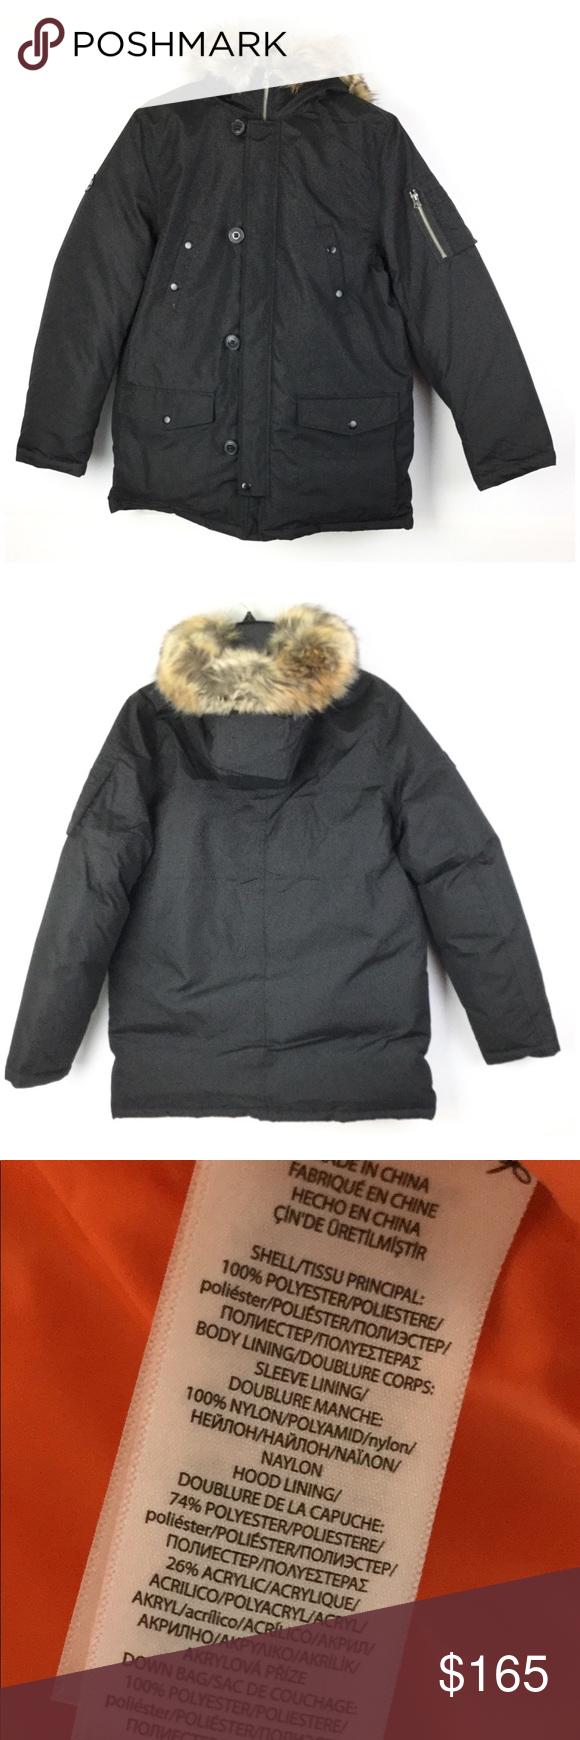 b51d4a93b4fc Polo Ralph Lauren Boys Winter Coat Jacket NEW Polo Ralph Lauren Boys ...